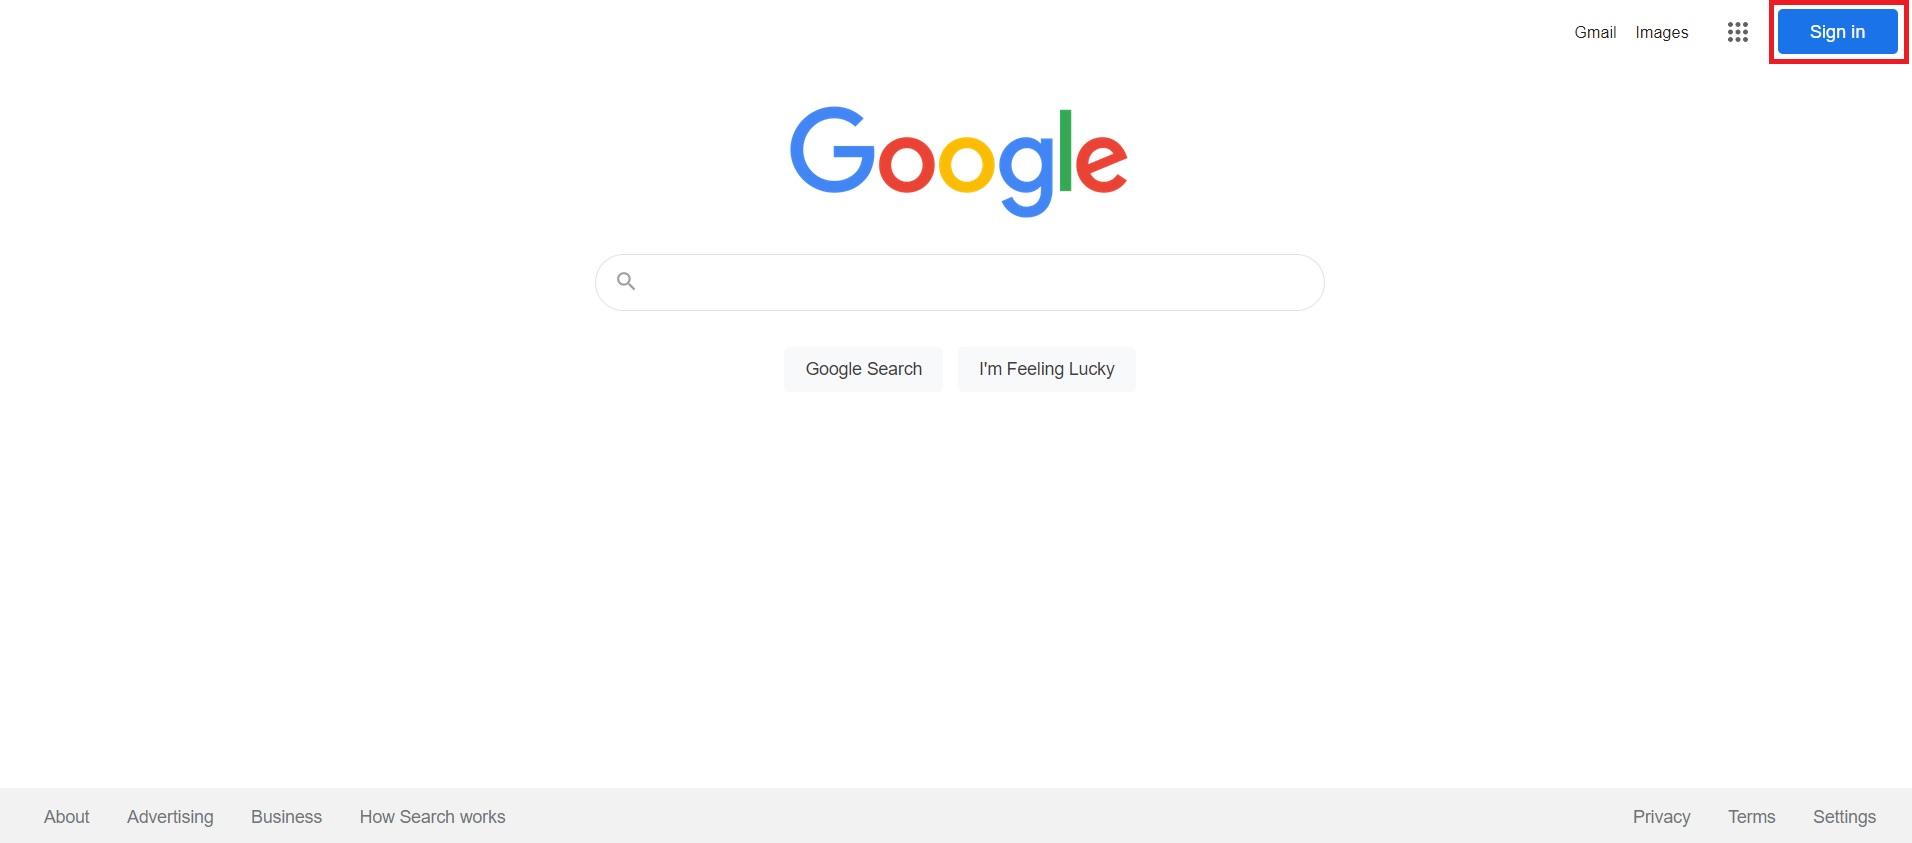 آموزش افزودن سایت به گوگل وبمستر با ساخت اکانت جیمیل